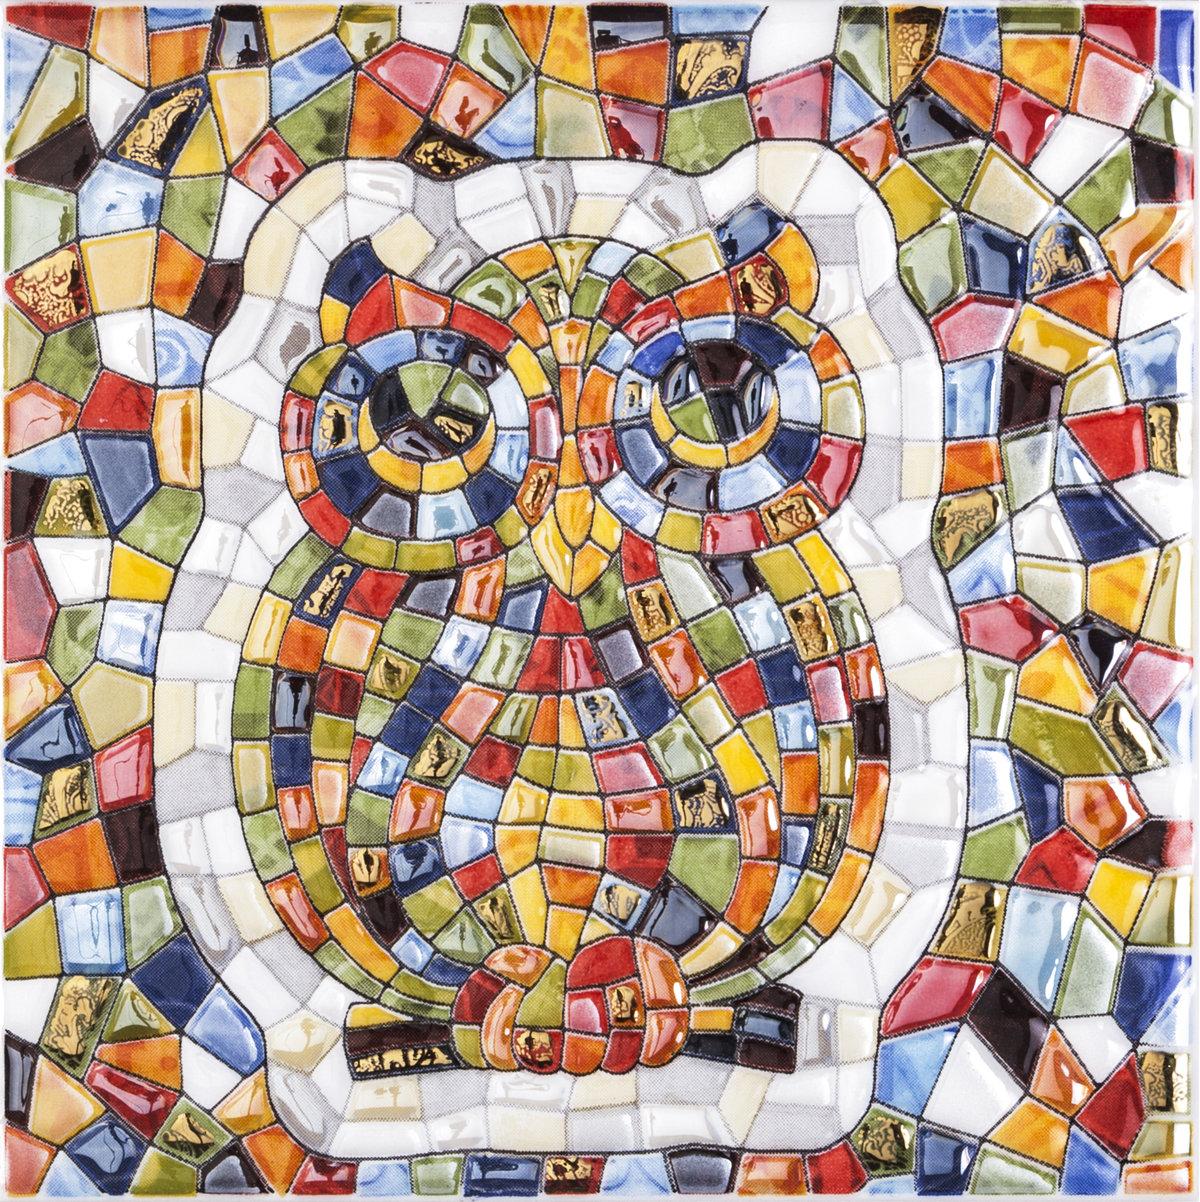 мозаика разная картинки запросу летняя ковров